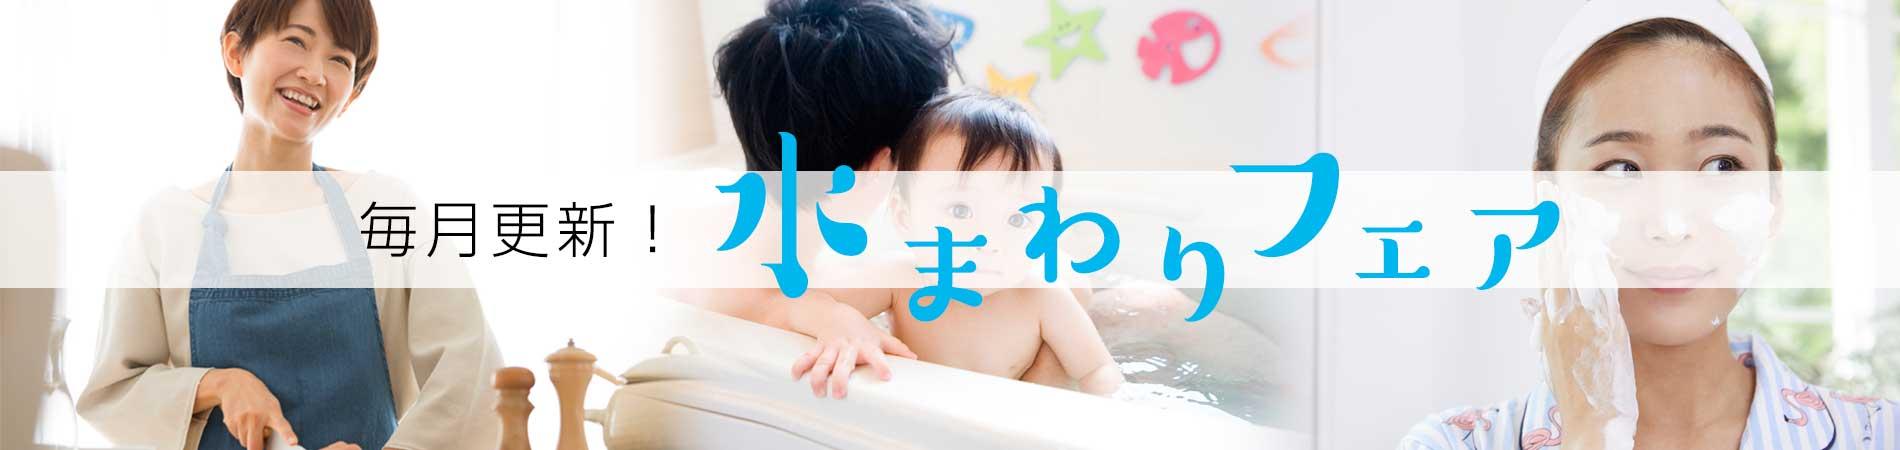 おすすめキッチン・トイレ・洗面台・ユニットバスは山田総業|千葉県船橋市の上下水道の工事会社